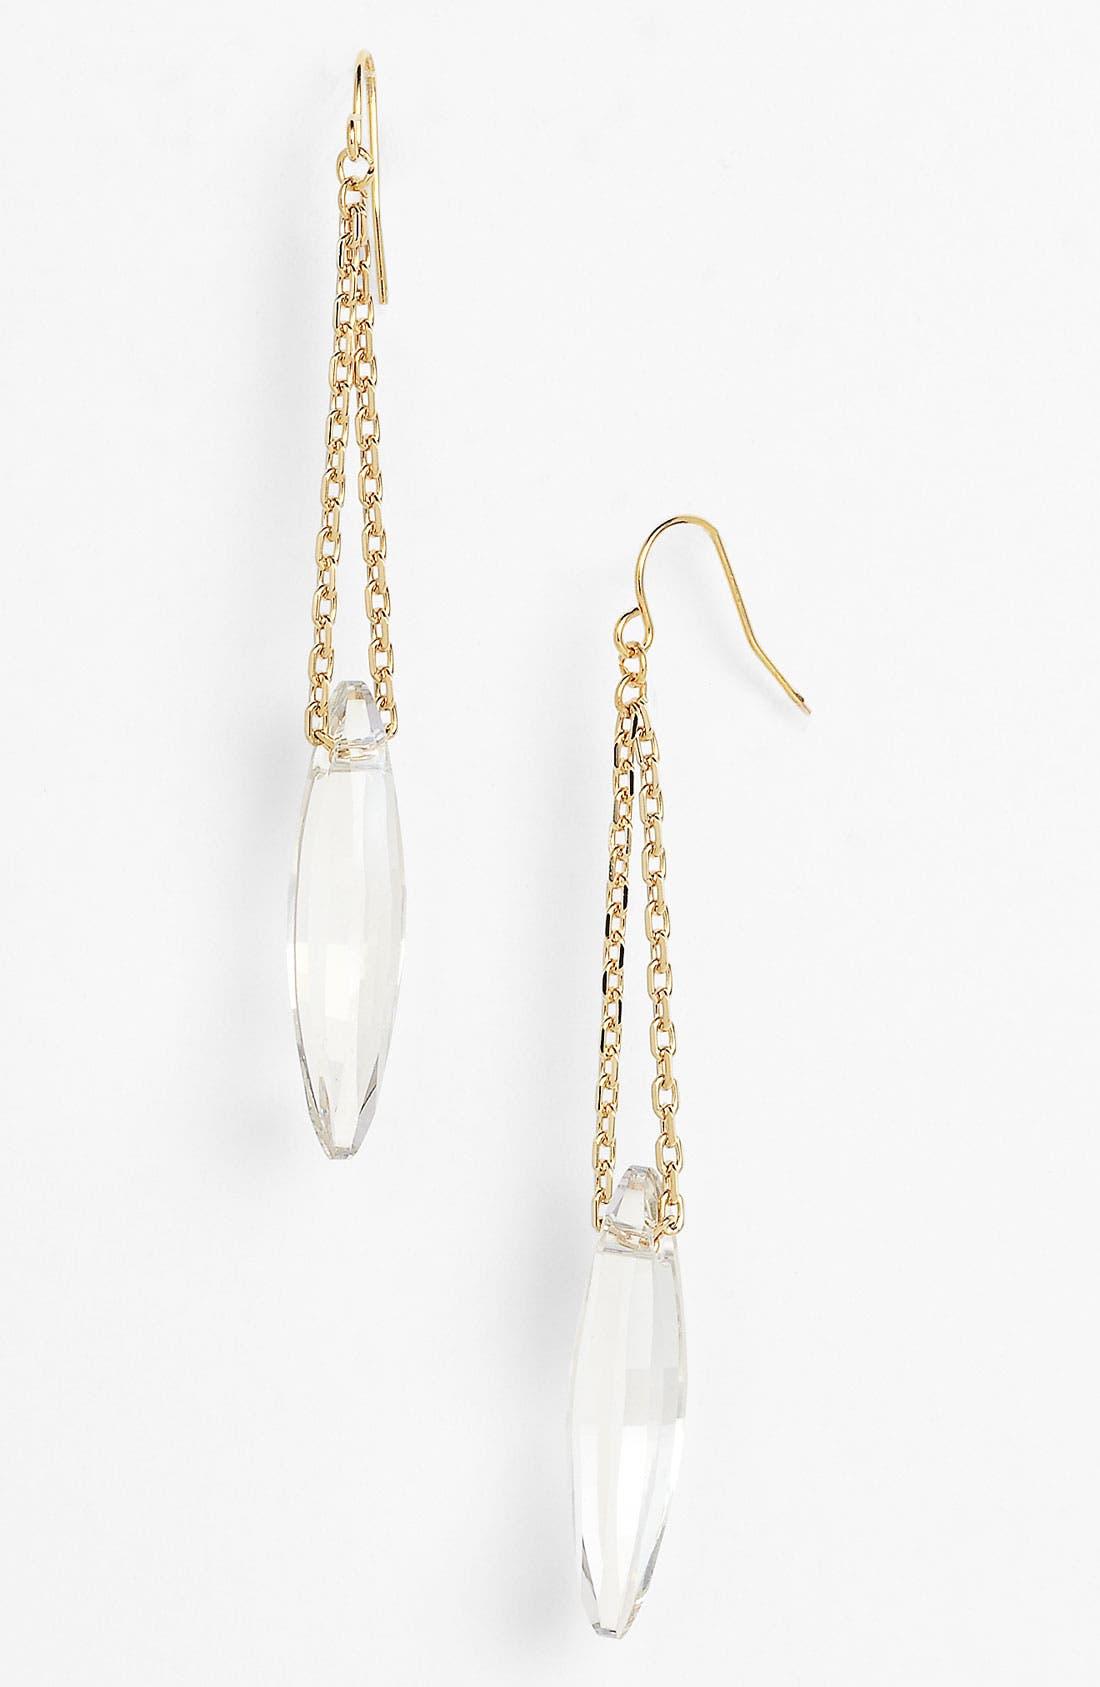 Alternate Image 1 Selected - Nordstrom 'Bryn' Crystal Linear Earrings